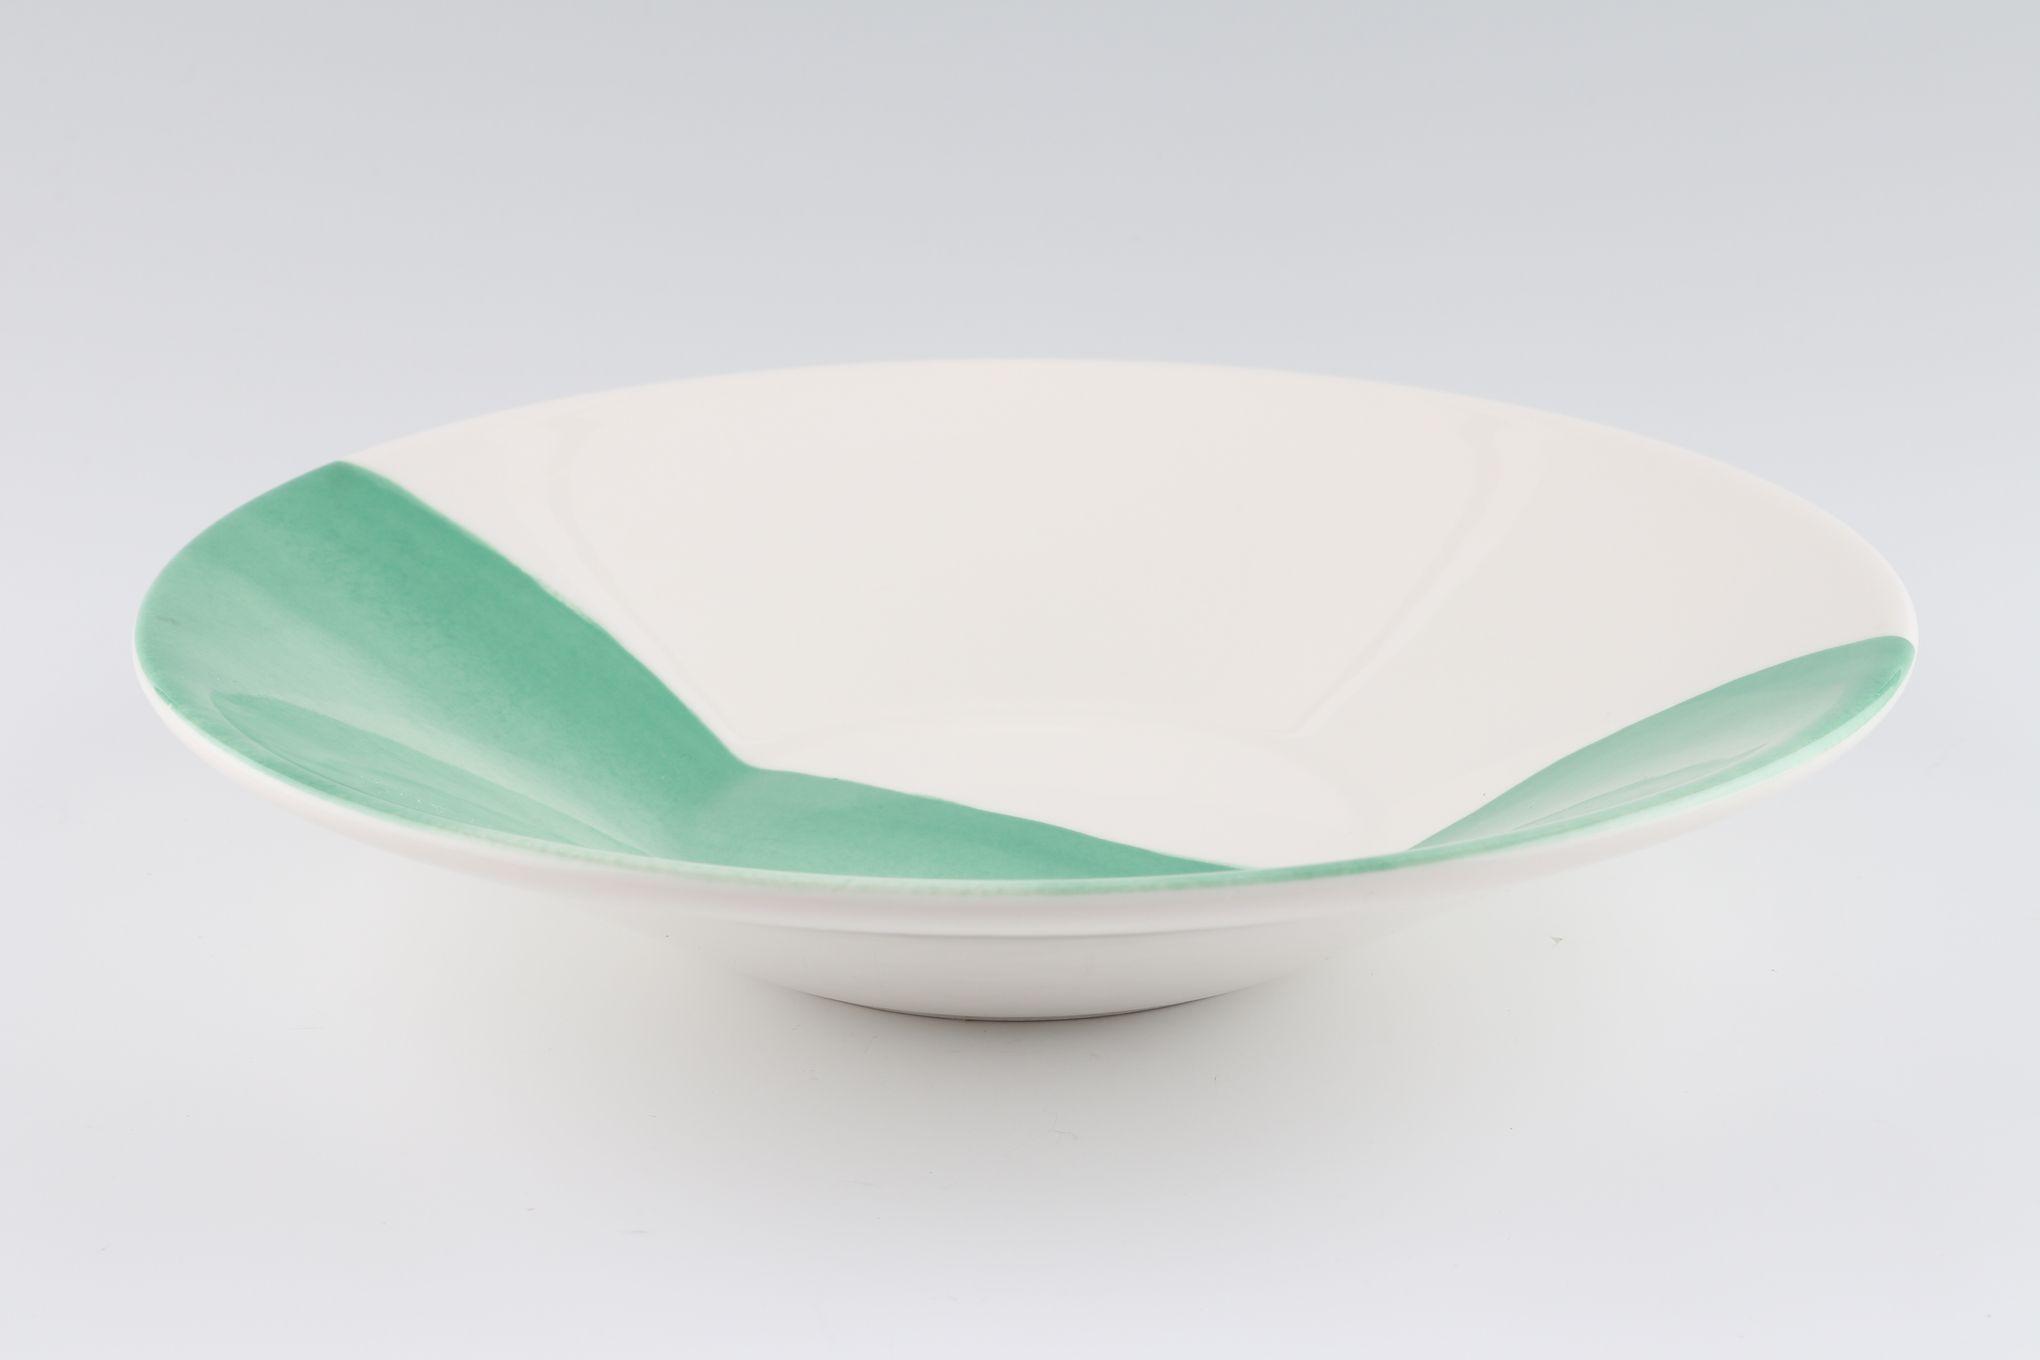 Casa Alegre Oceanus Bowl Green 21.5 x 4.5cm thumb 1